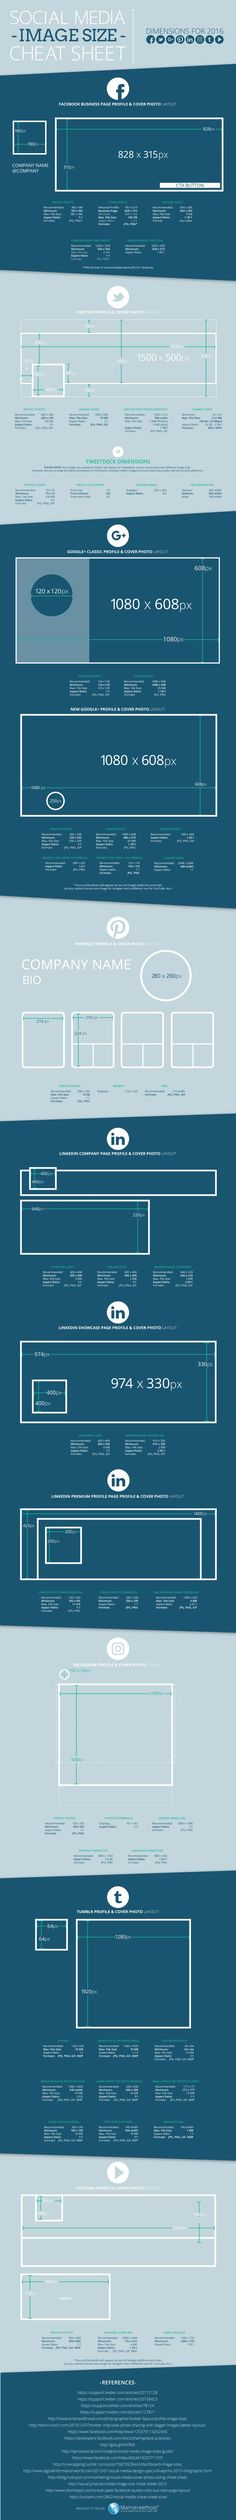 Social Media Image Sizes for 2016 [Infographic]  Découvrez Factory Forty, le coworking space qui vous permet de travailler au soleil en plein cœur de Bruxelles : https://www.factoryforty.be/fr/a-propos-factory-forty/